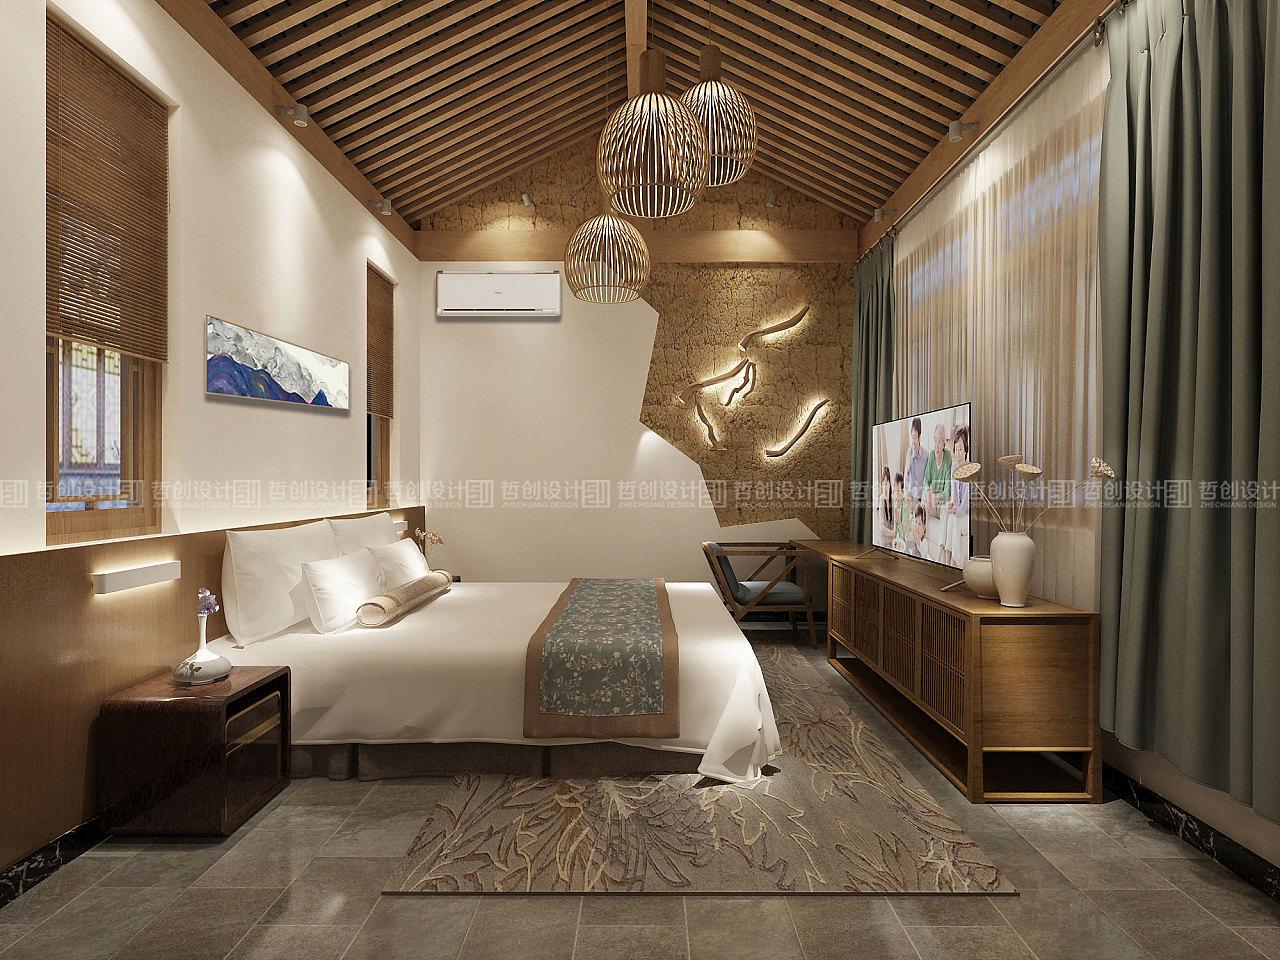 云南腾冲和顺古镇弥生客栈装修设计|空间|室内图片